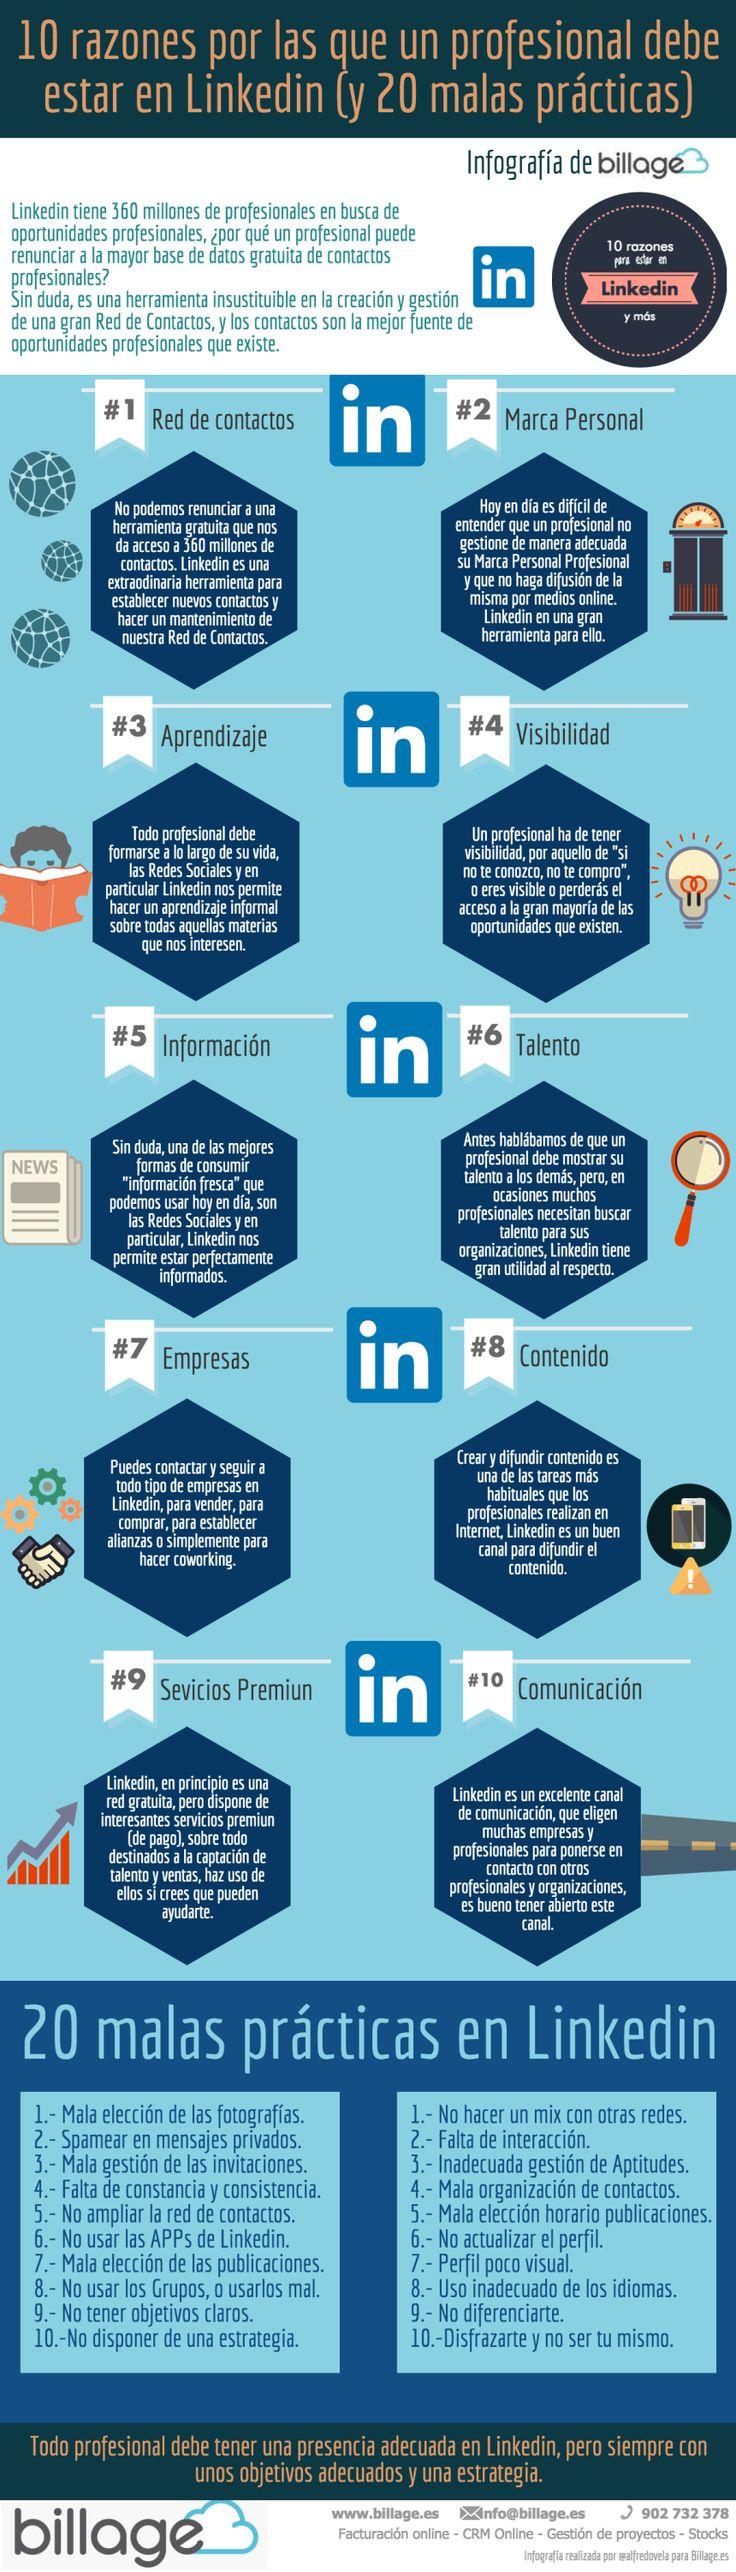 10 razones para que un profesional esté en Linkedin (y 20 malas prácticas)